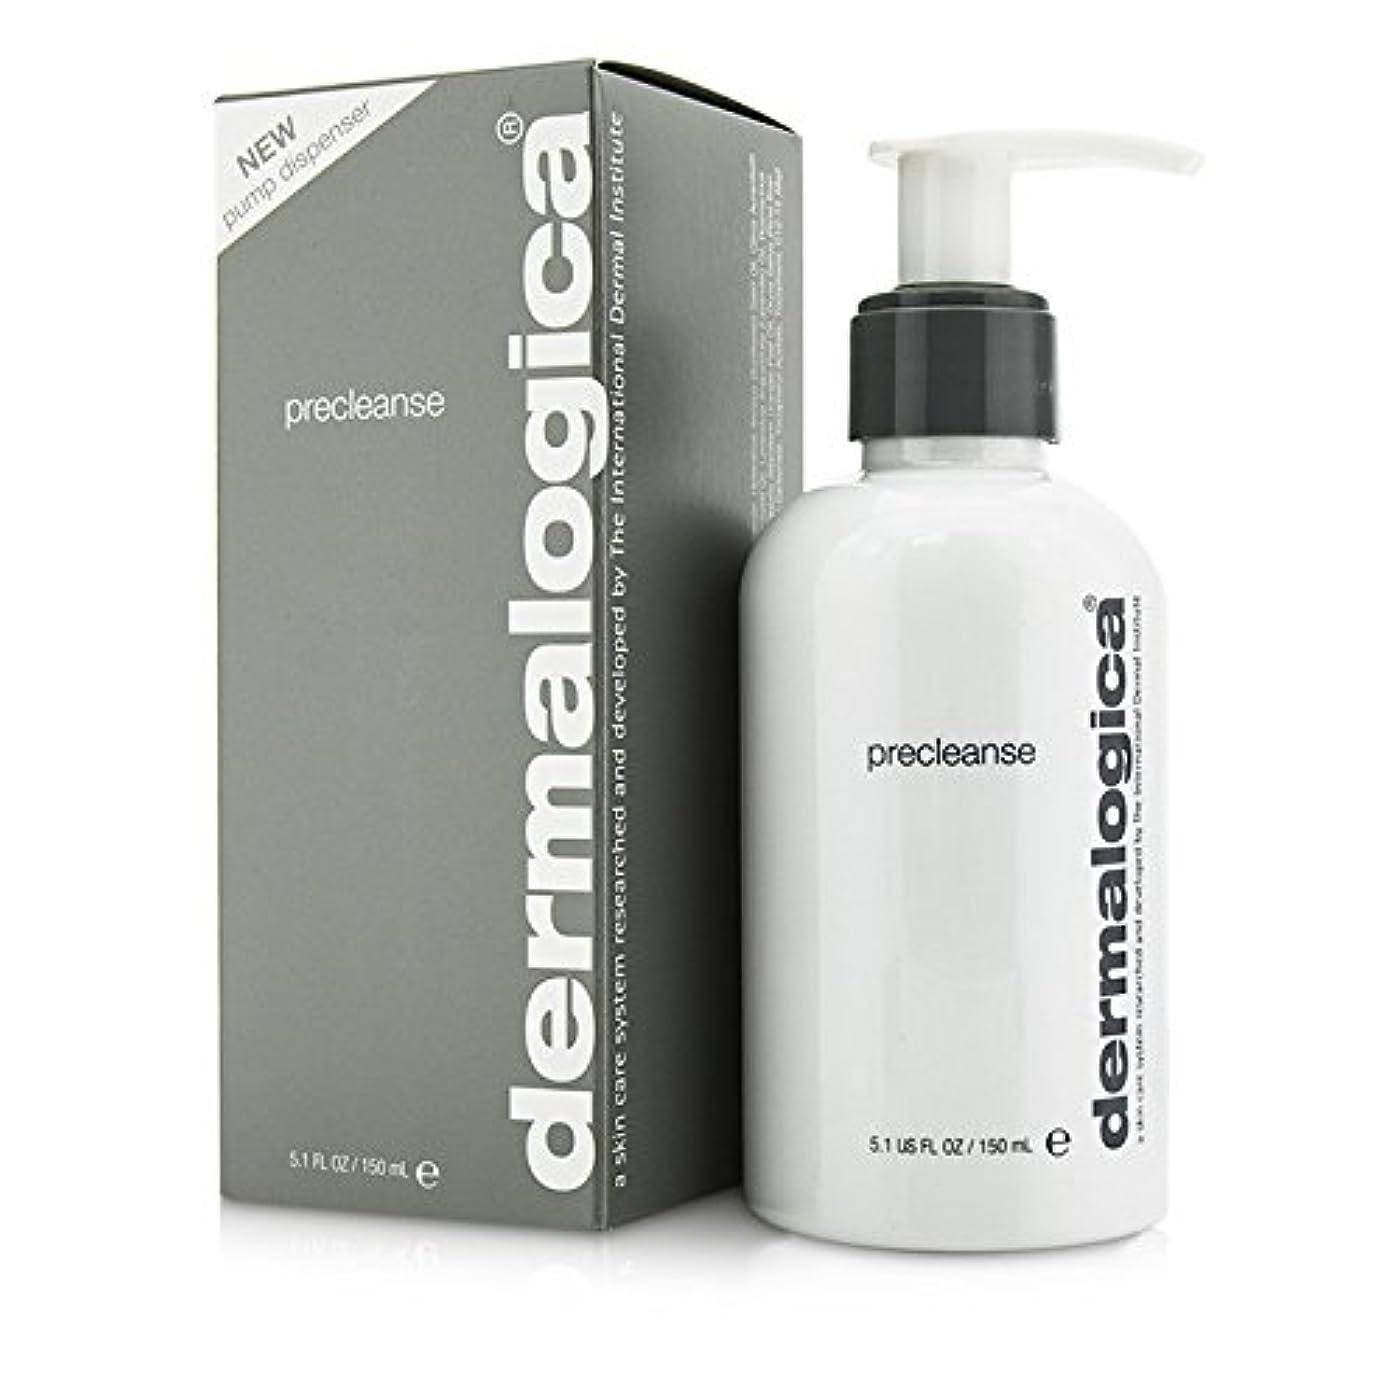 レッドデートシェルター吸収剤ダーマロジカ プレクレンズ (ポンプ付) 150ml/5.1oz並行輸入品